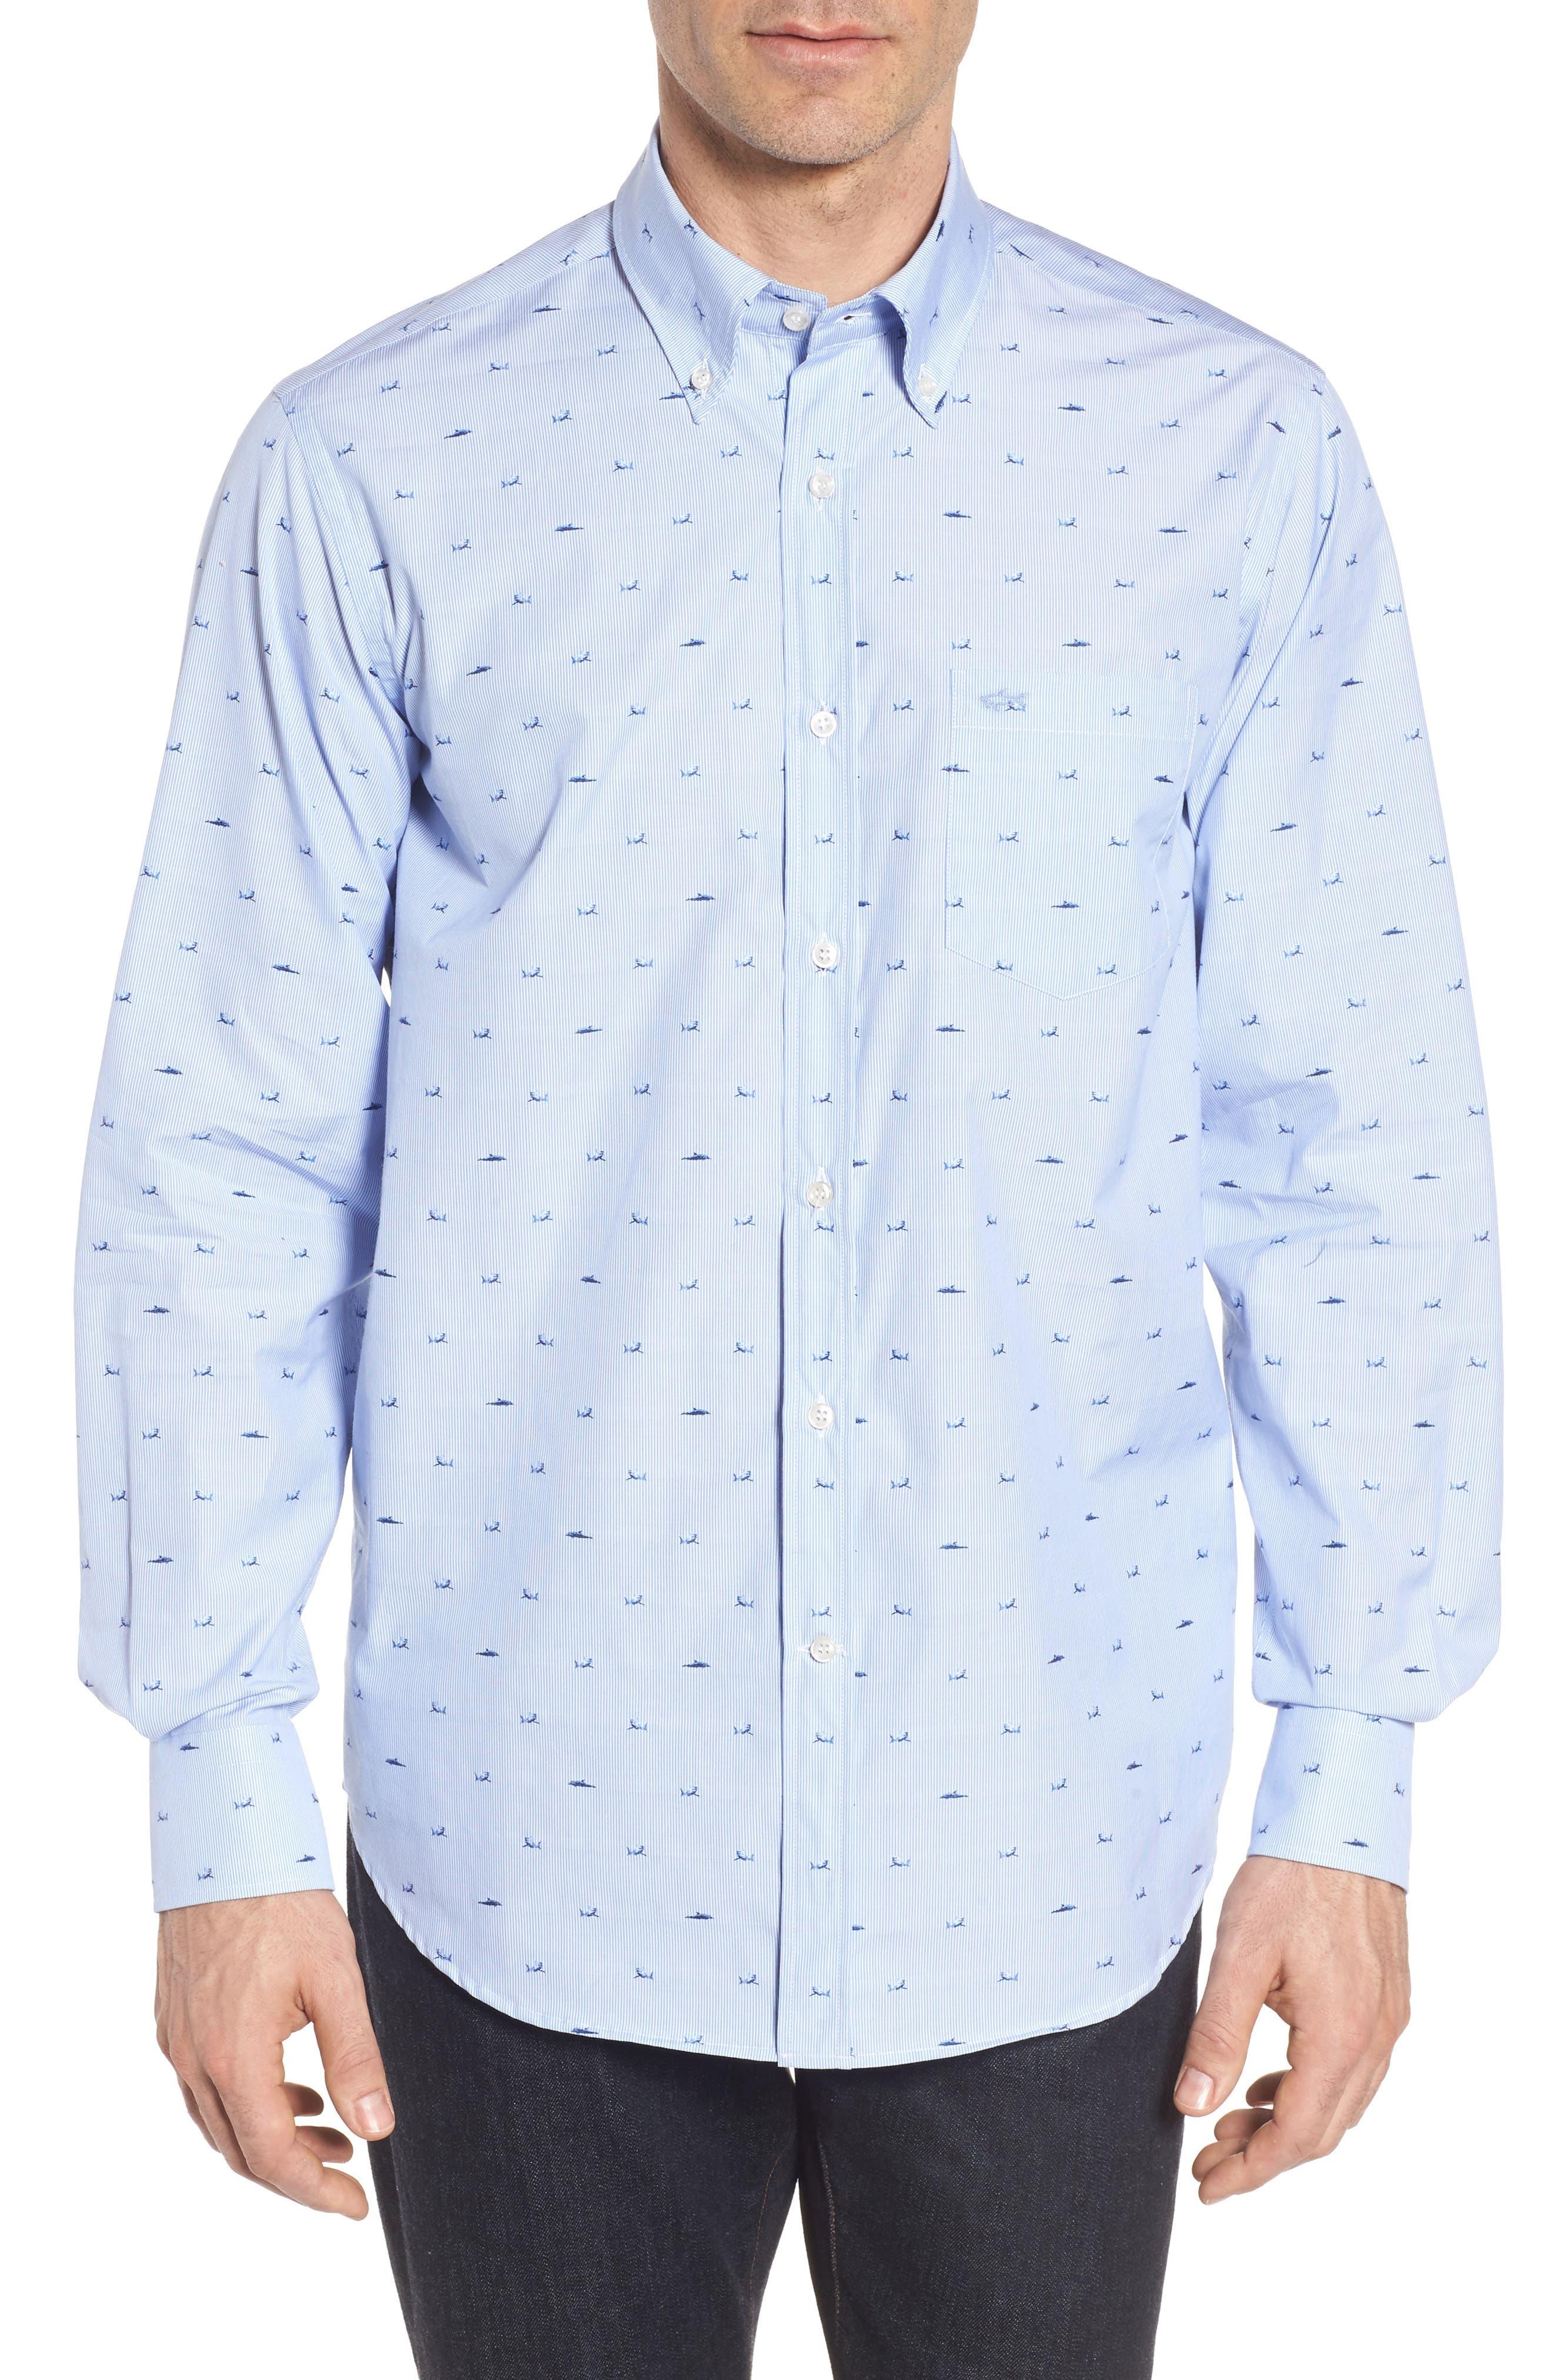 Paul&Shark Great White Jacquard Sport Shirt,                             Main thumbnail 1, color,                             Blue